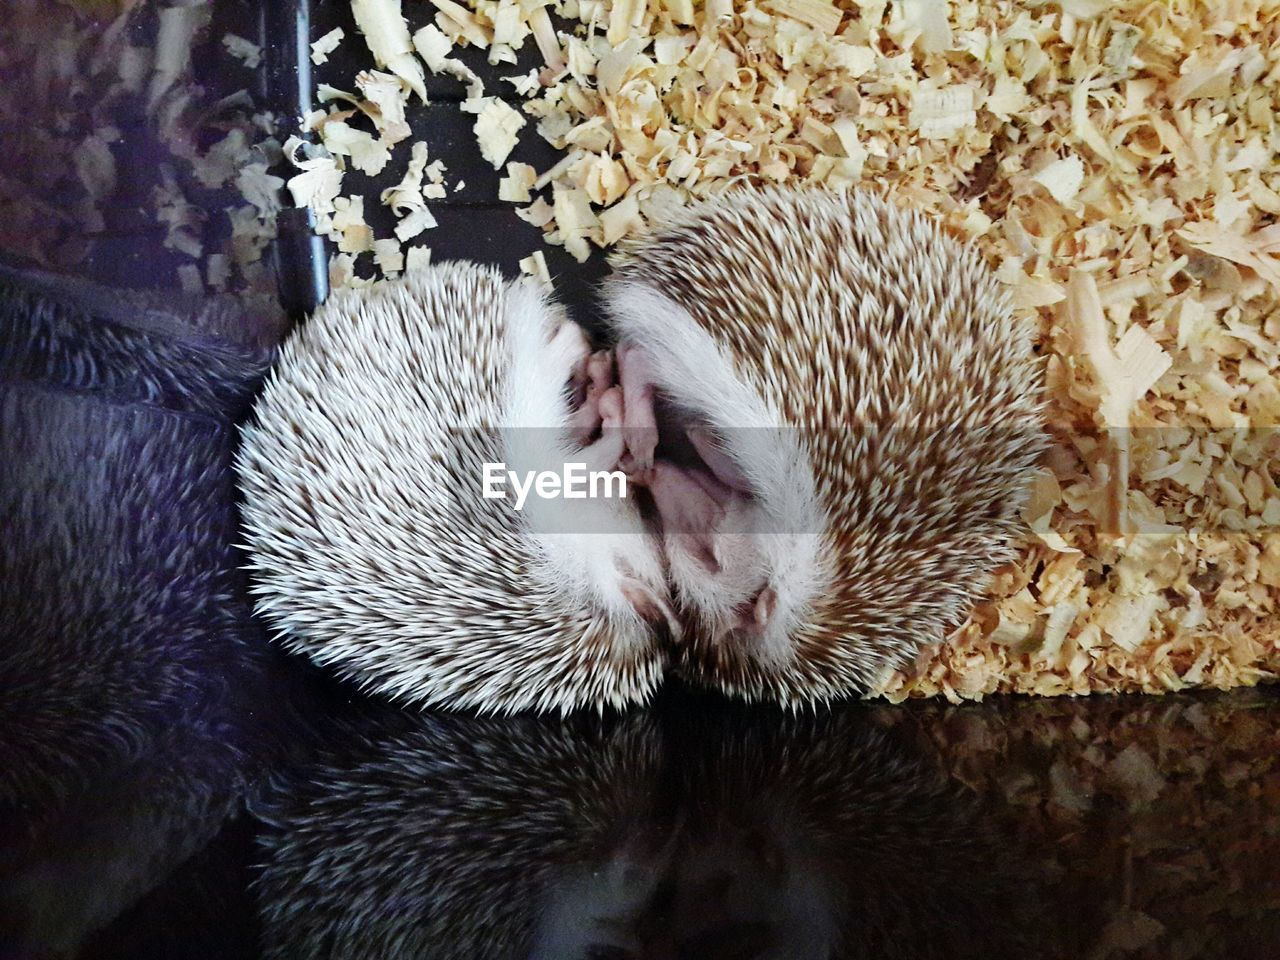 Pair of hedgehogs sleeping